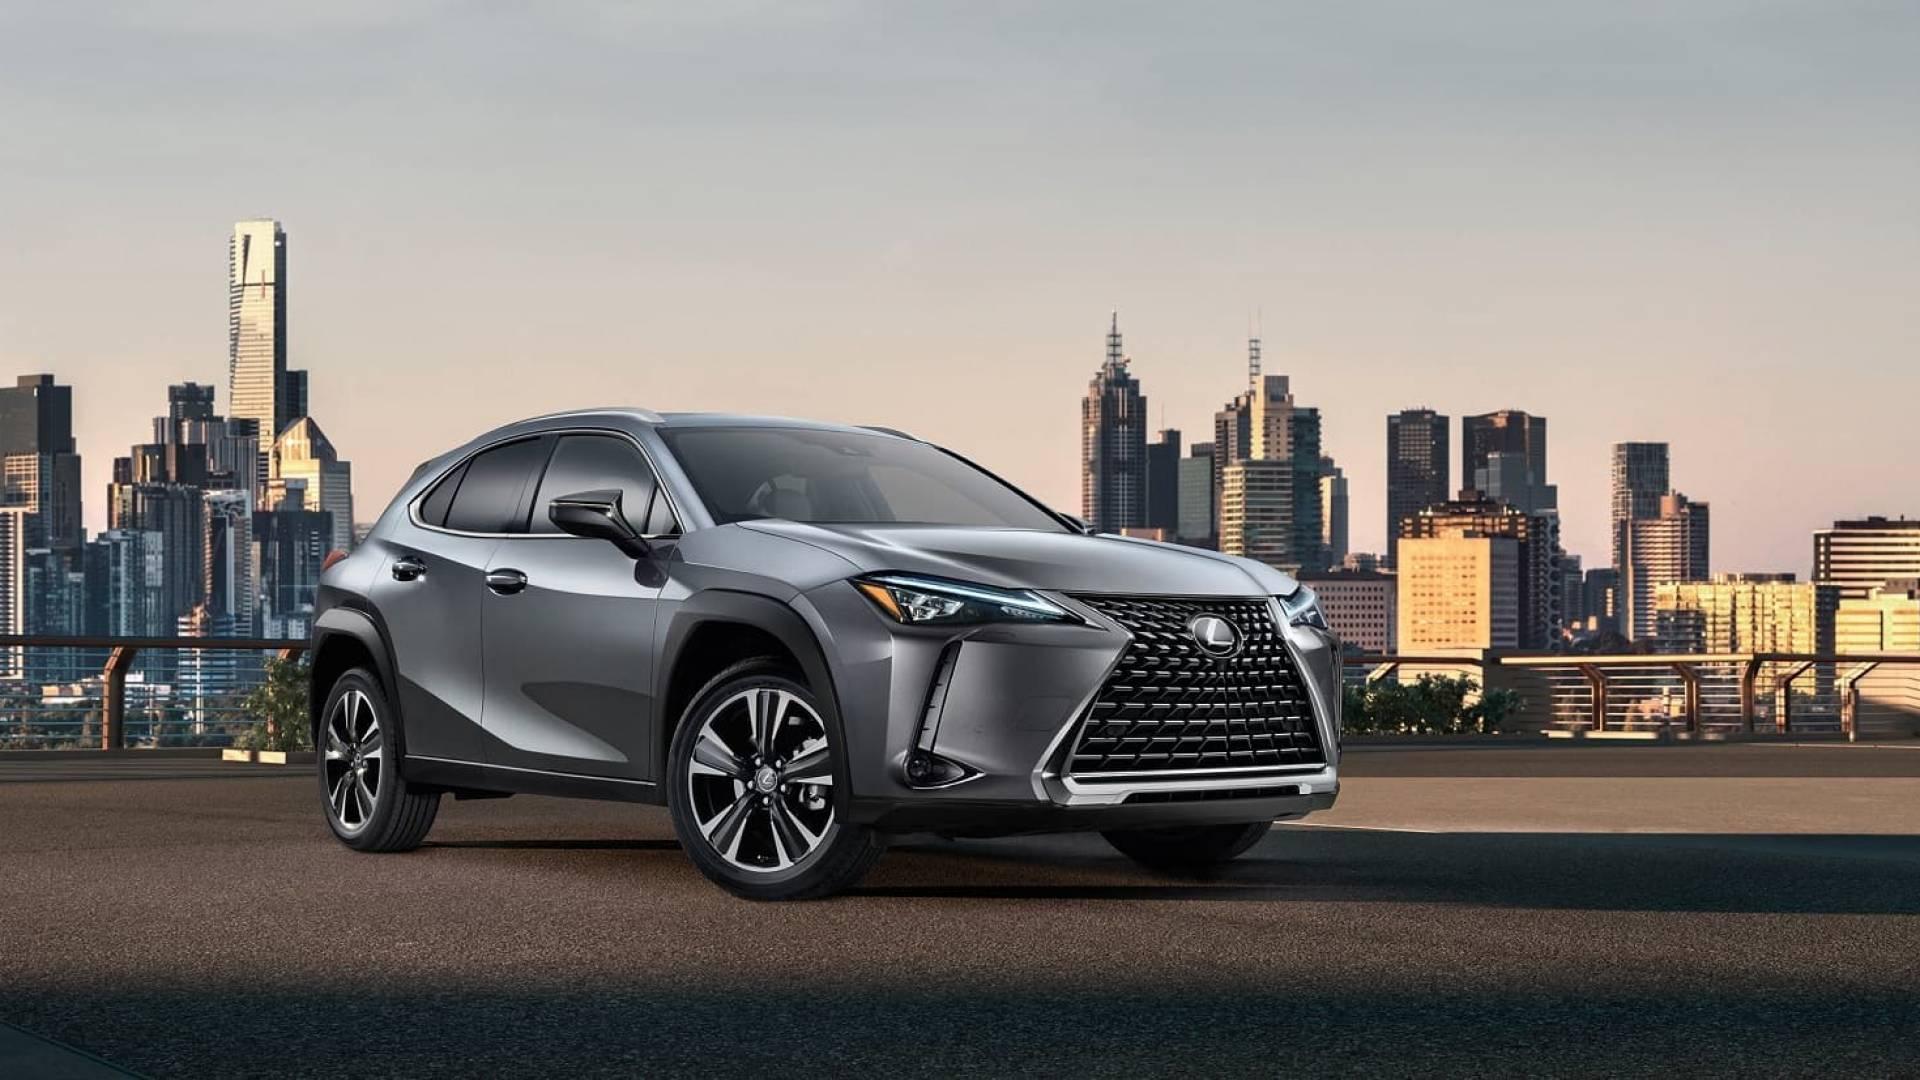 Lexus está trabajando en su primer vehículo 100% eléctrico: Llegará a Europa y China